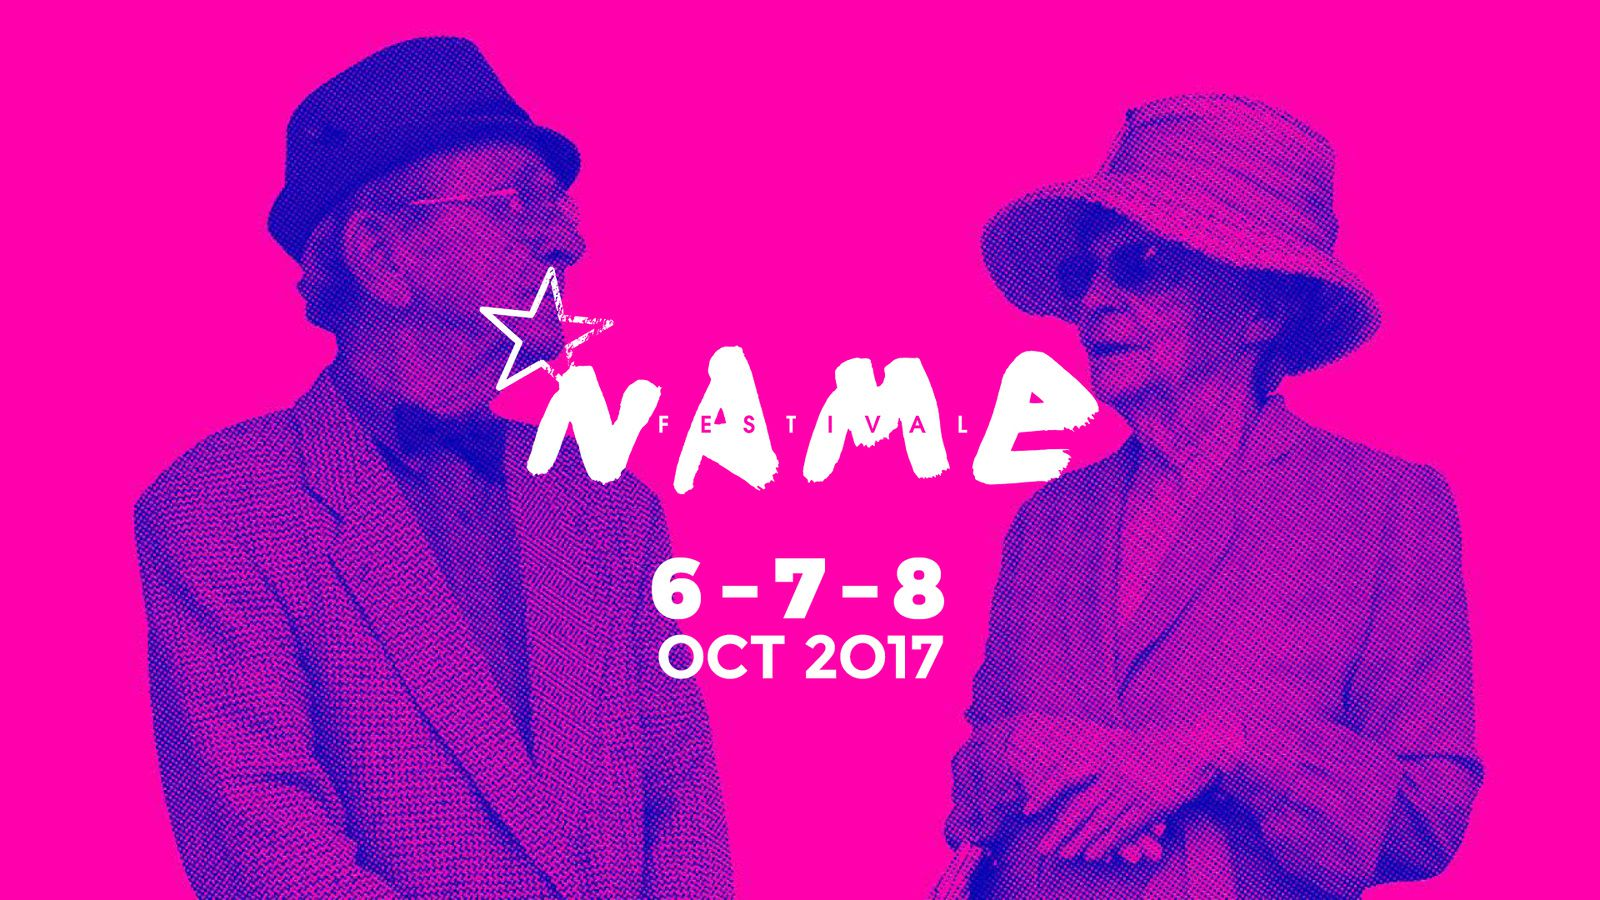 Art Point M - NAME FESTIVAL  6, 7 et 8 OCTOBRE 2017 - Ouverture billetterie et premiers noms !